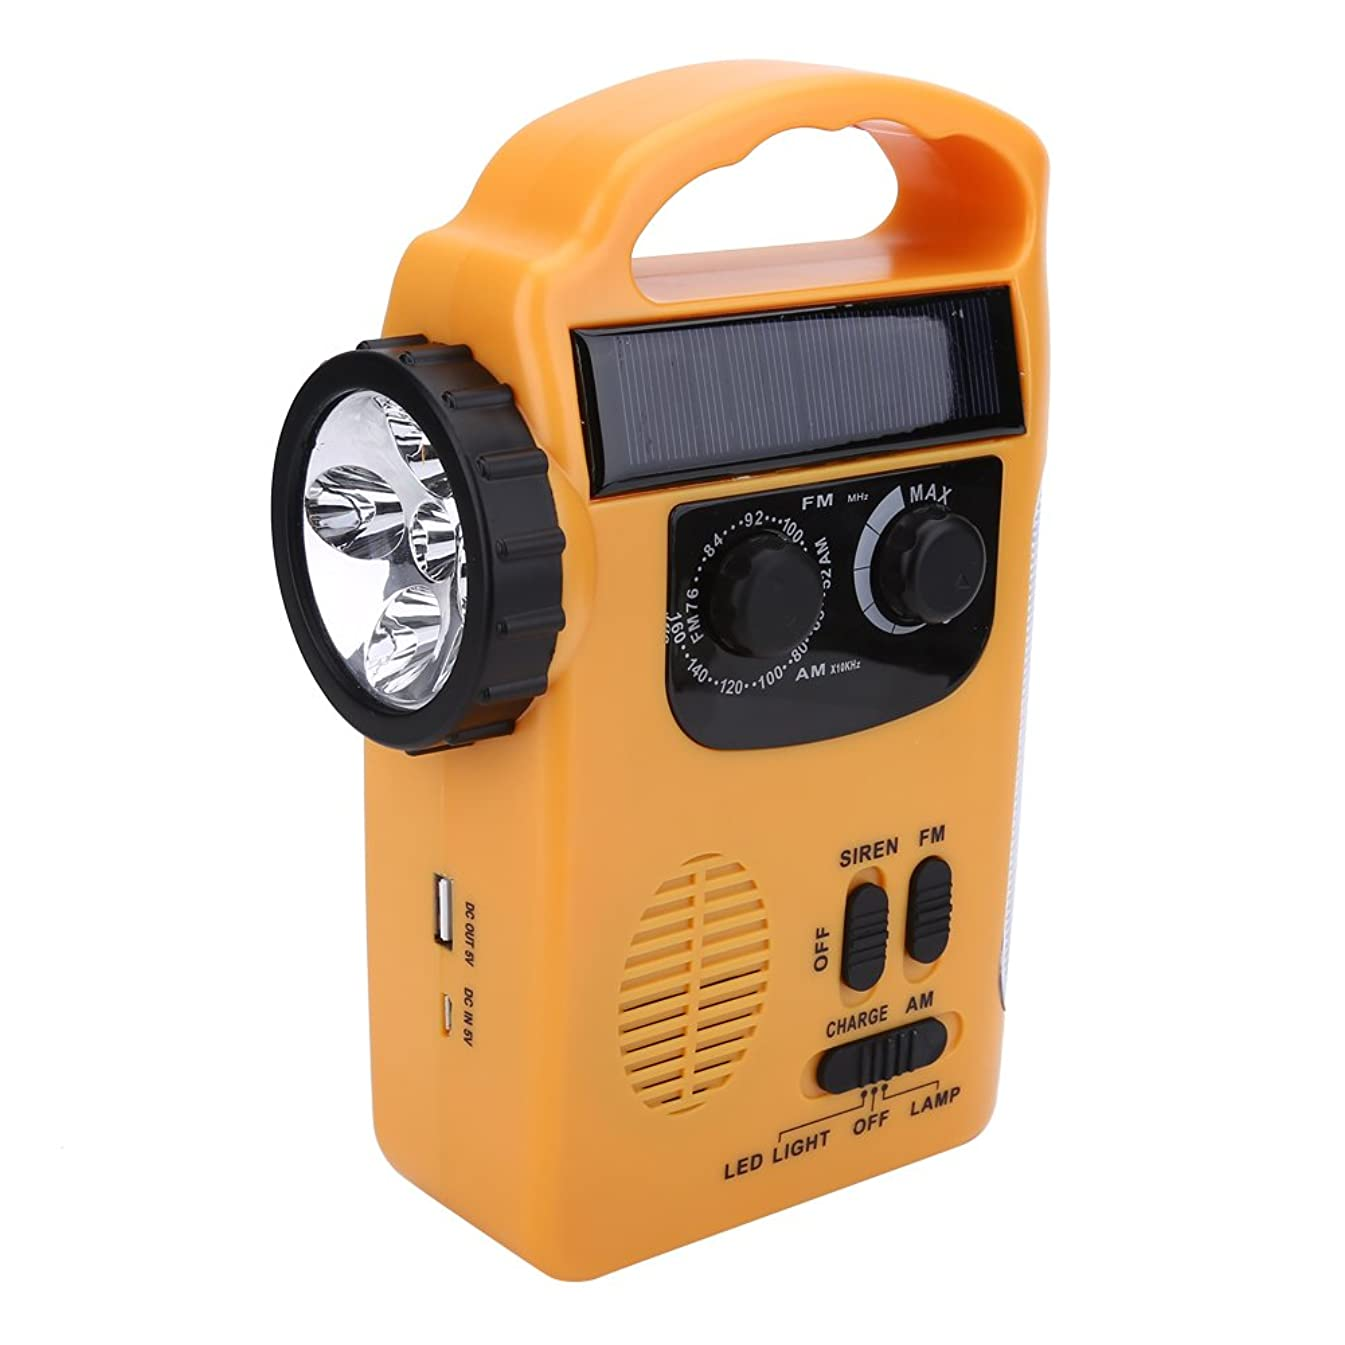 伝染病ゴミ極端な【緊急用?非常用】LEDラジオライト 懐中電灯 手回し/ソーラー/USB充電/電池 携帯ラジオ スマホ充電対応可能 防災グッズ 地震?震災?津波?台風 緊急対策 ケーブル付き